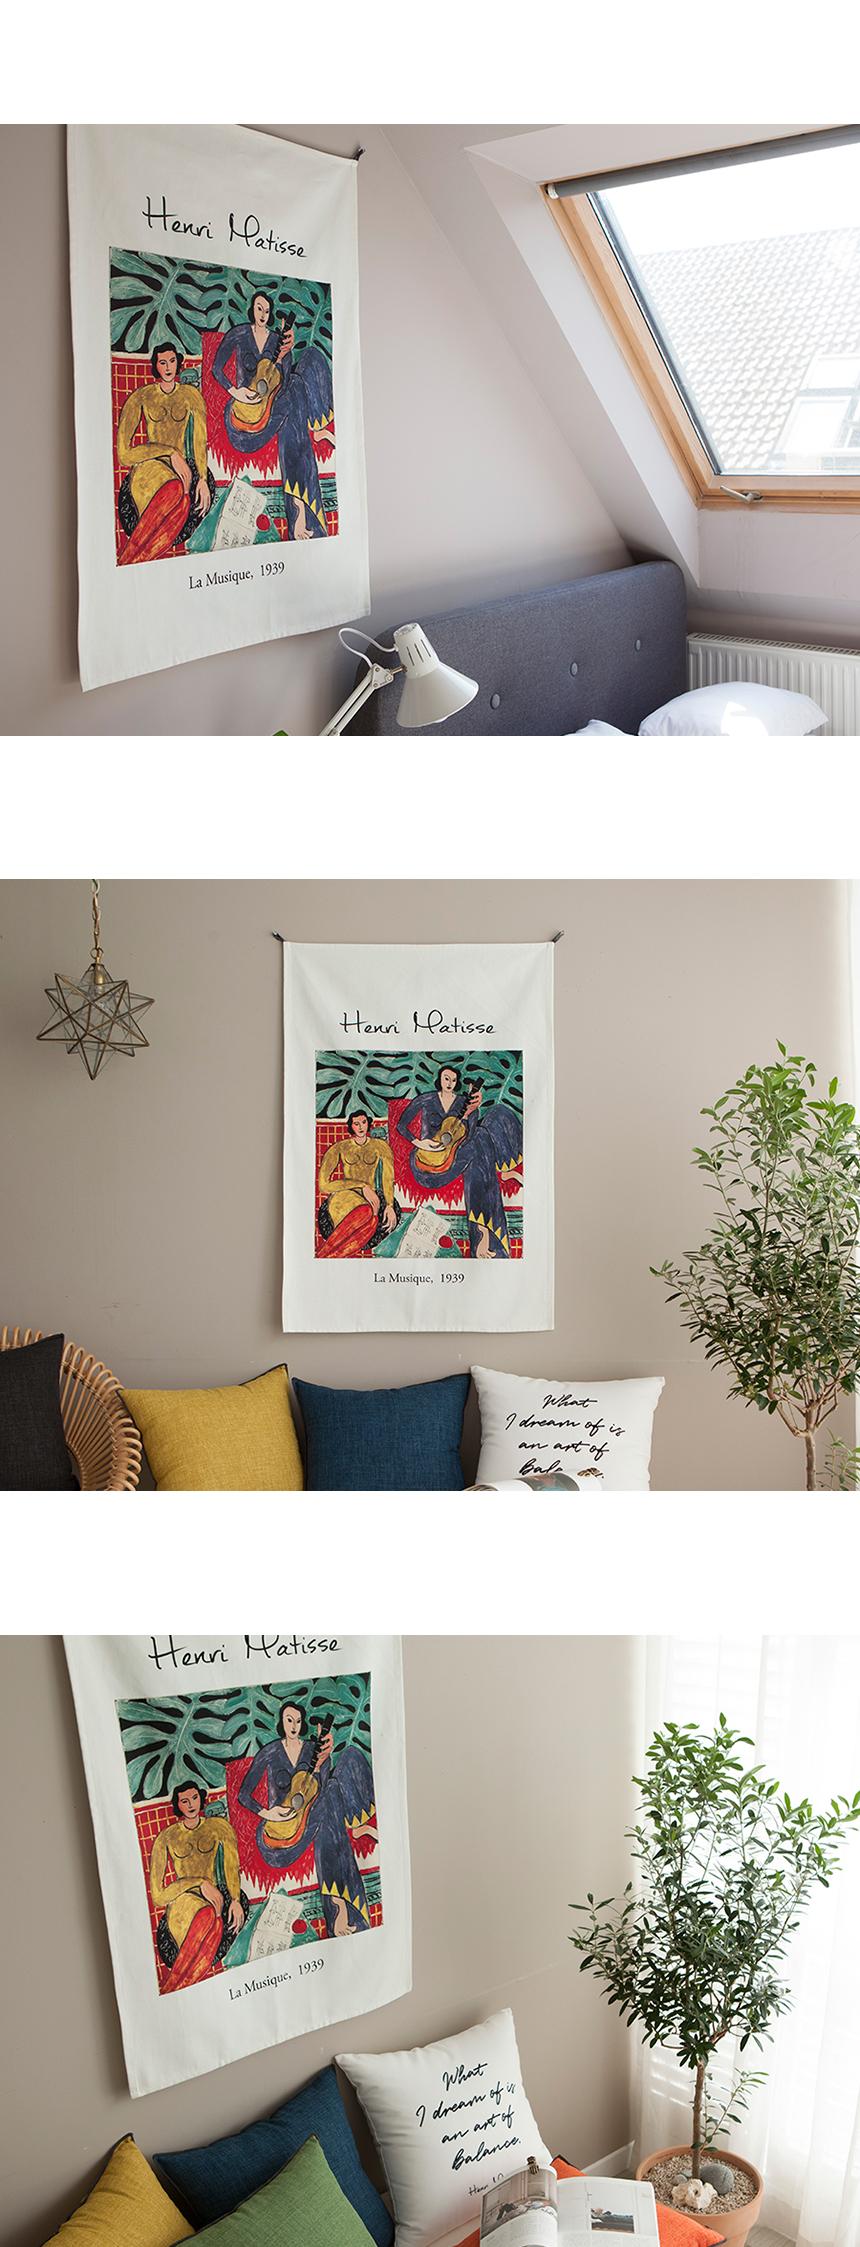 뮤직 패브릭포스터 70x100cm21,000원-마리하우스인테리어, 액자/홈갤러리, 홈갤러리, 패브릭포스터바보사랑뮤직 패브릭포스터 70x100cm21,000원-마리하우스인테리어, 액자/홈갤러리, 홈갤러리, 패브릭포스터바보사랑